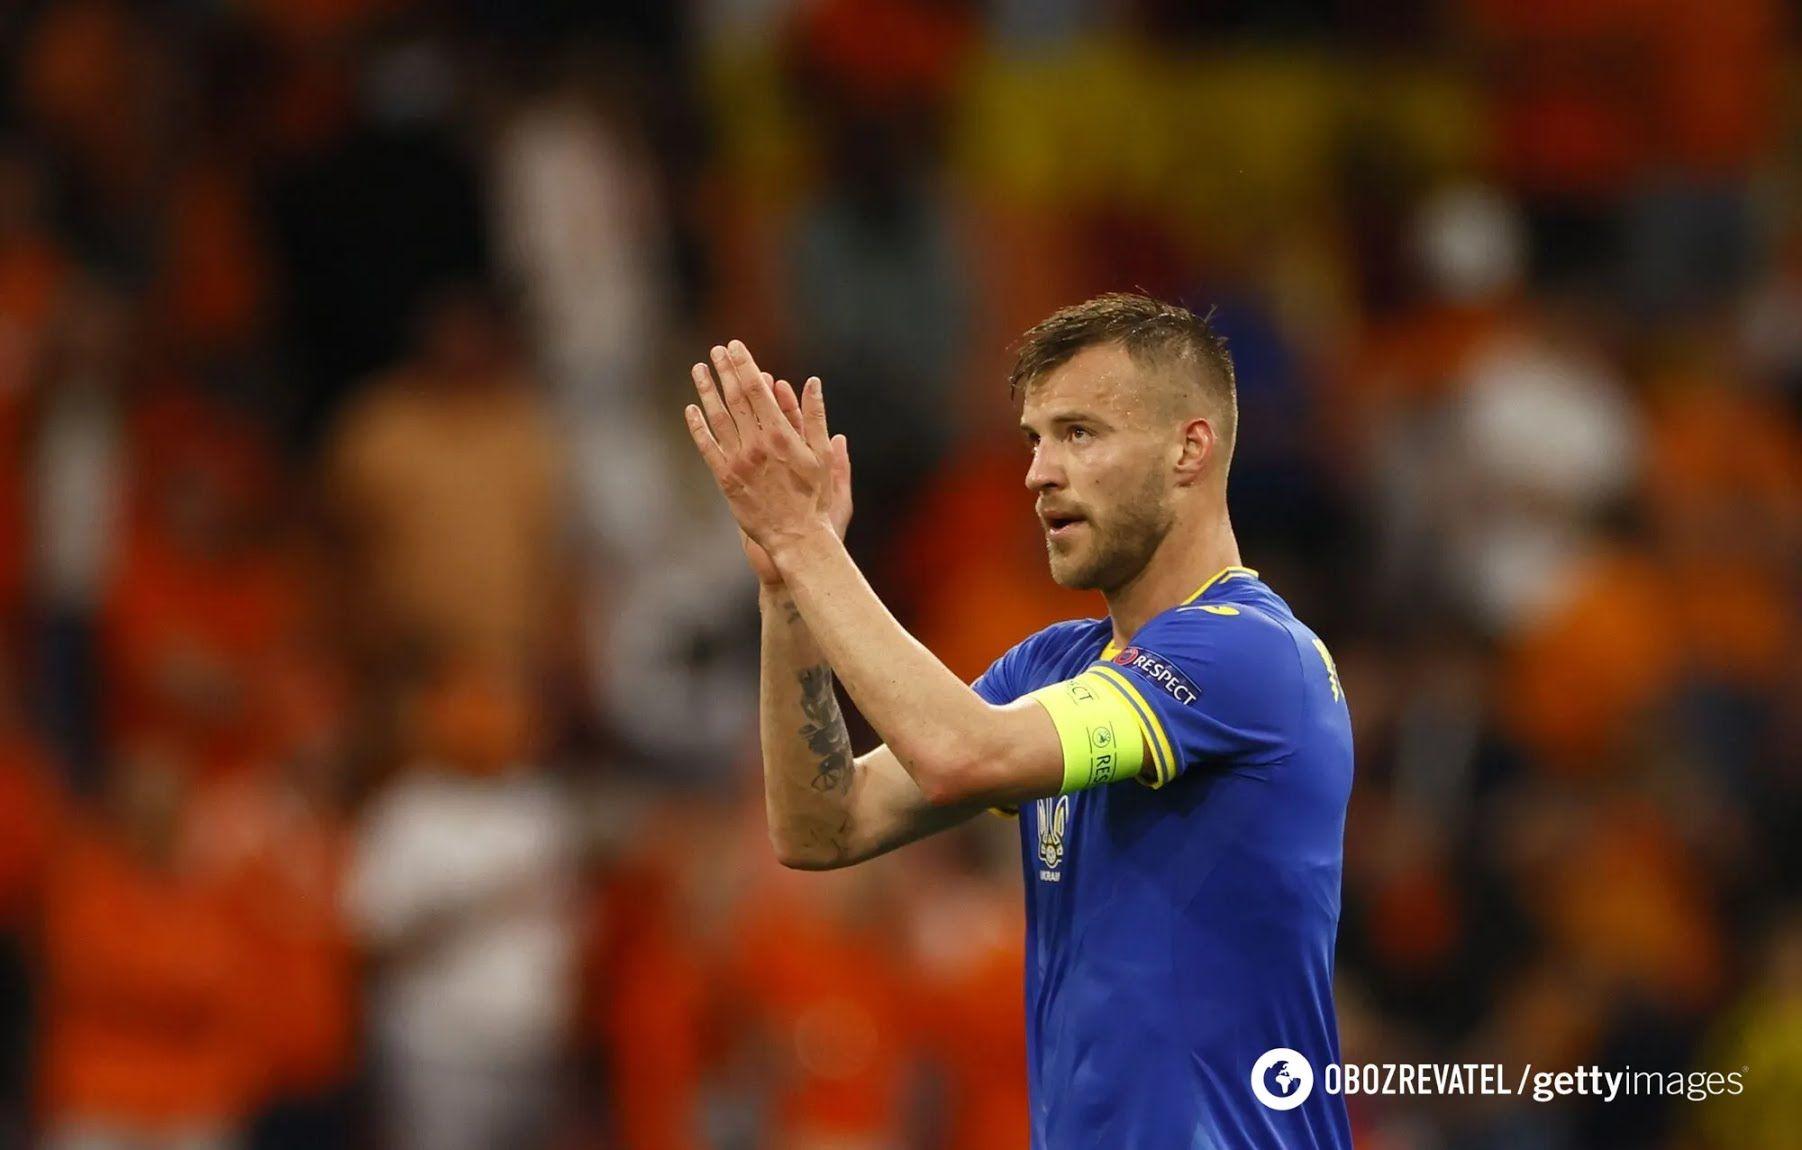 Андрій Ярмоленко аплодує фанатам